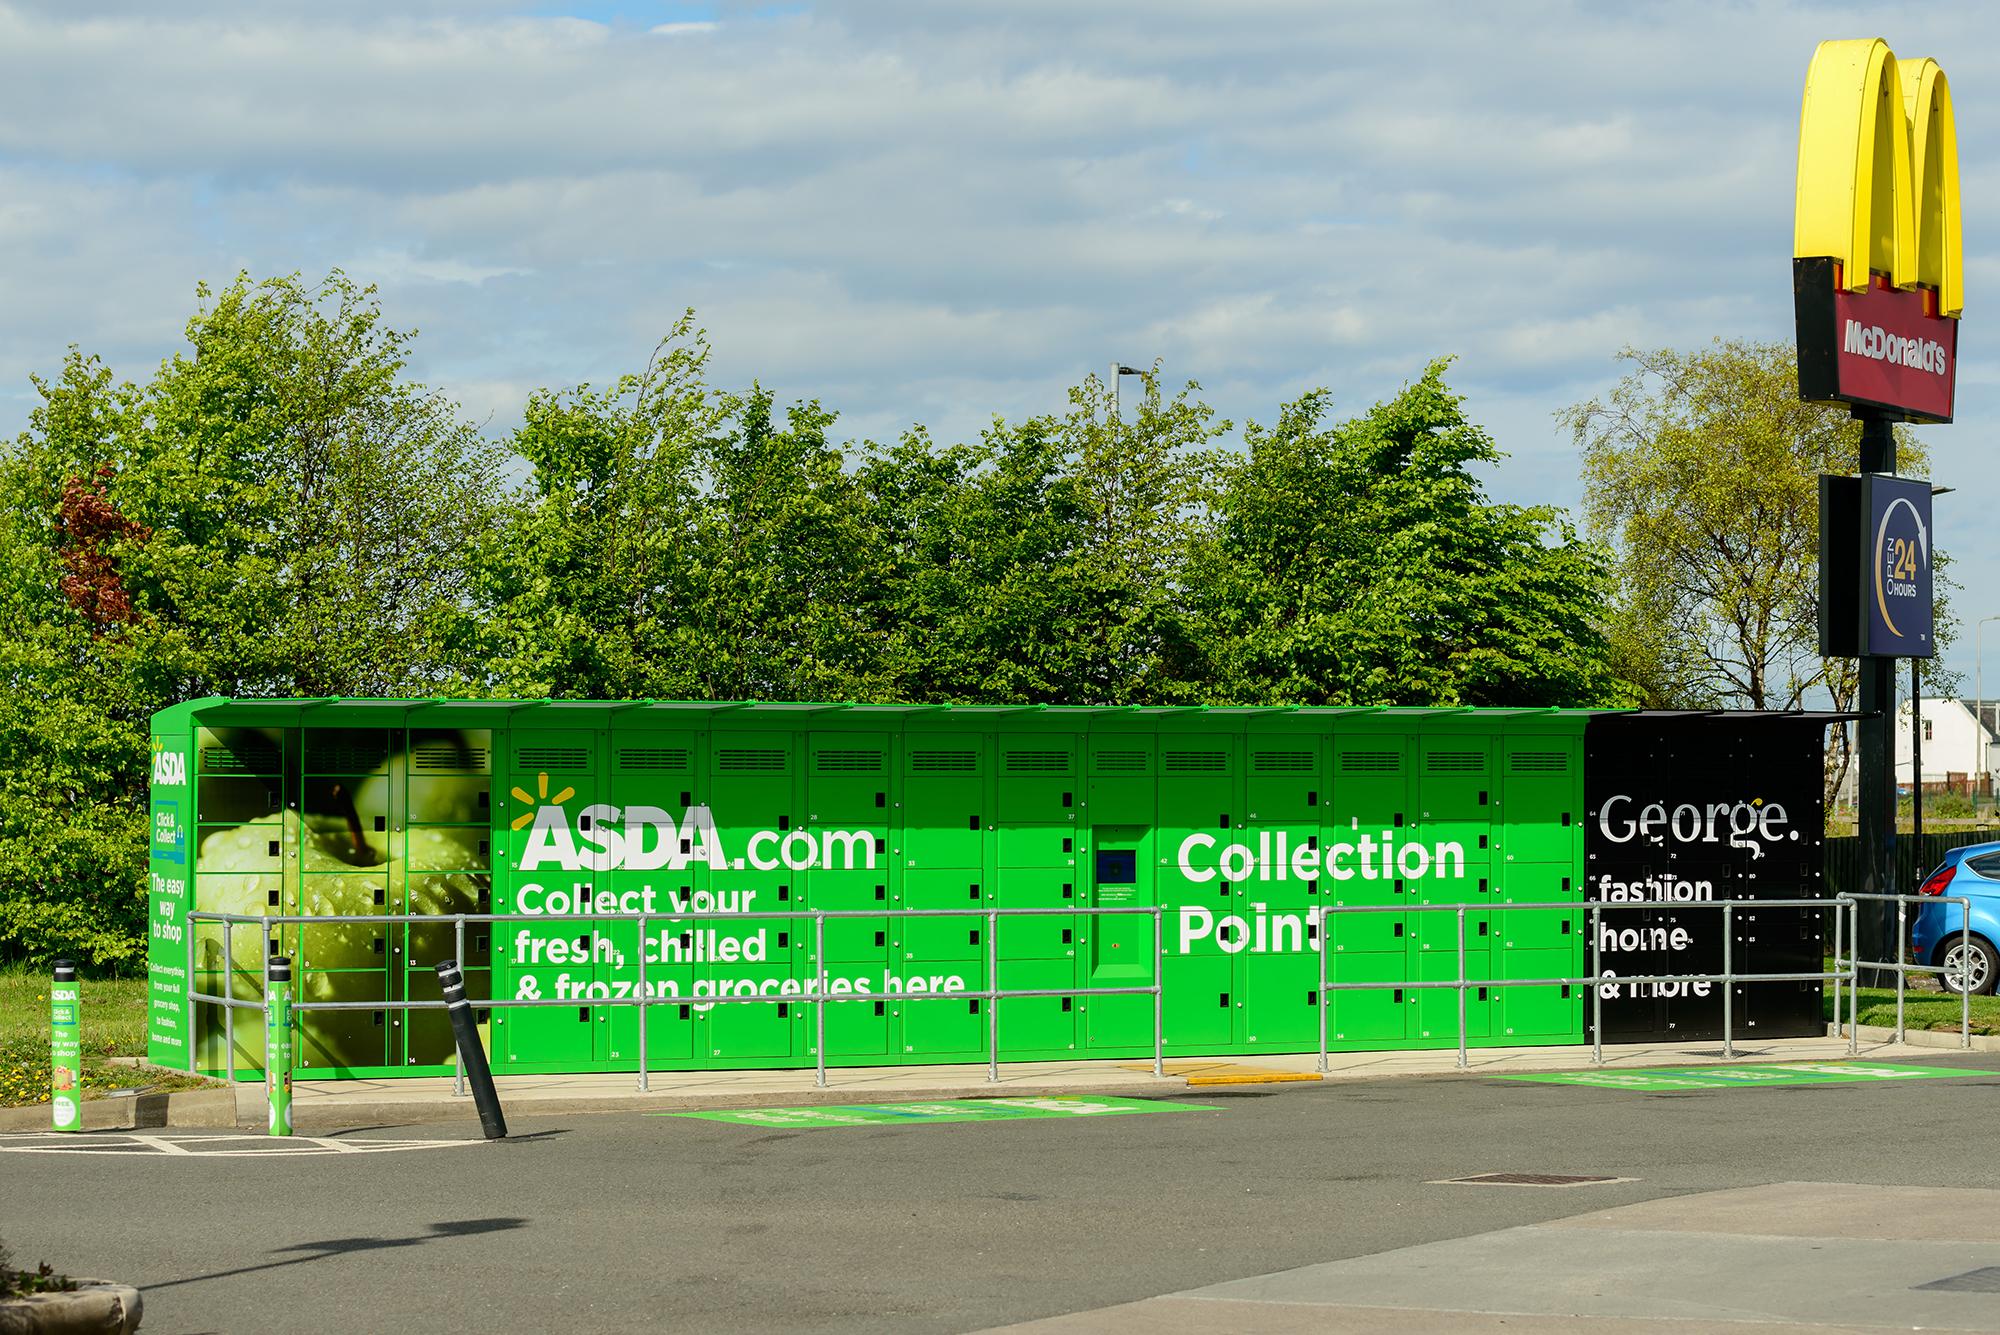 Asda Click & Collect. (Image: cornfield/Shutterstock)